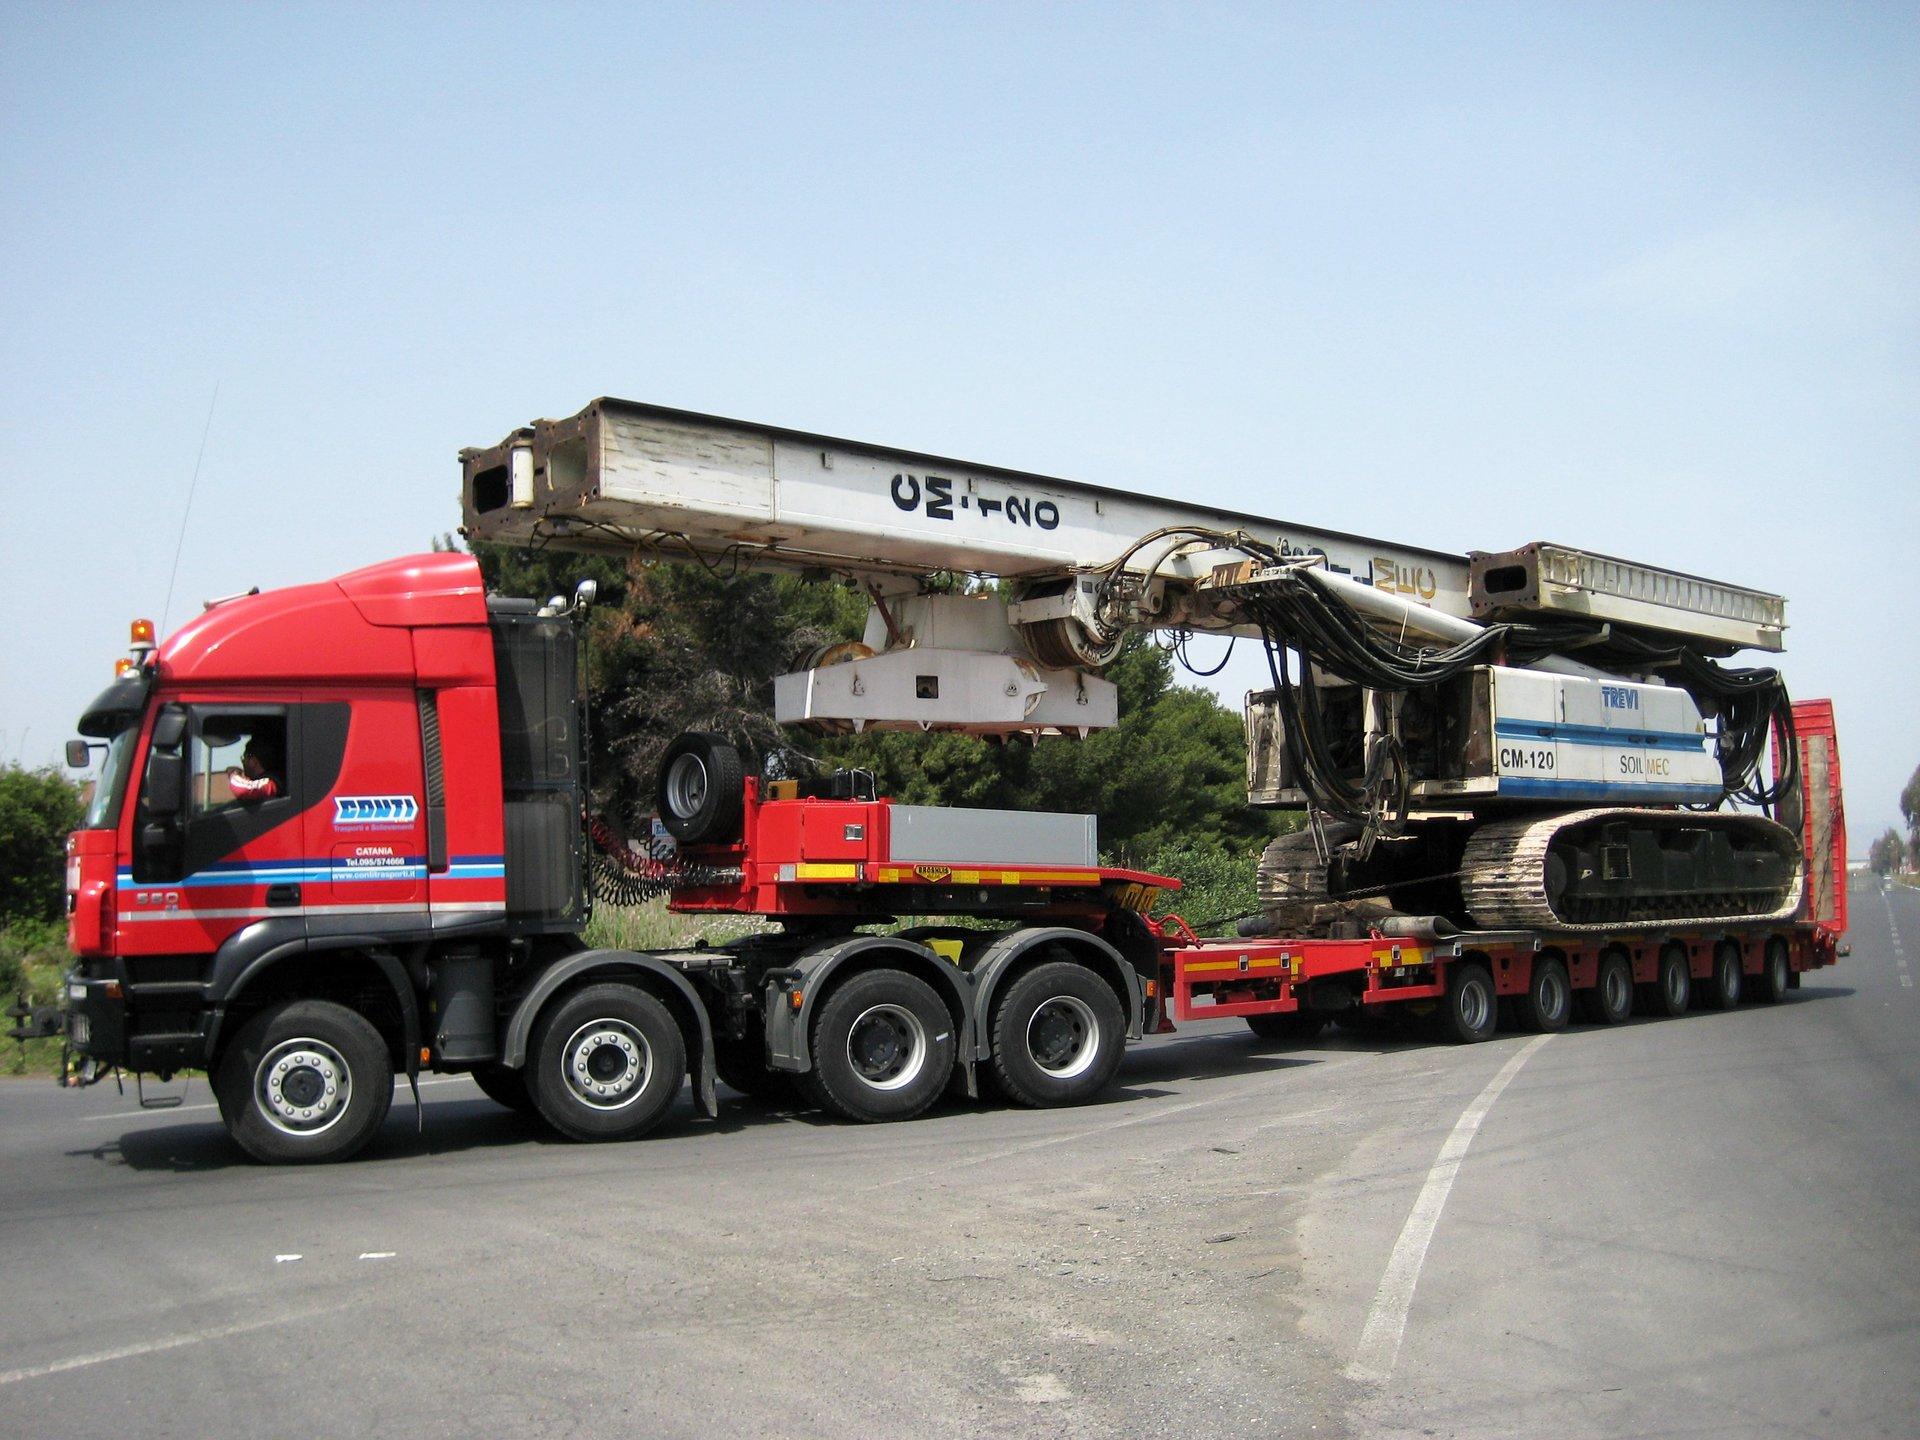 un camion in viaggio su una strada